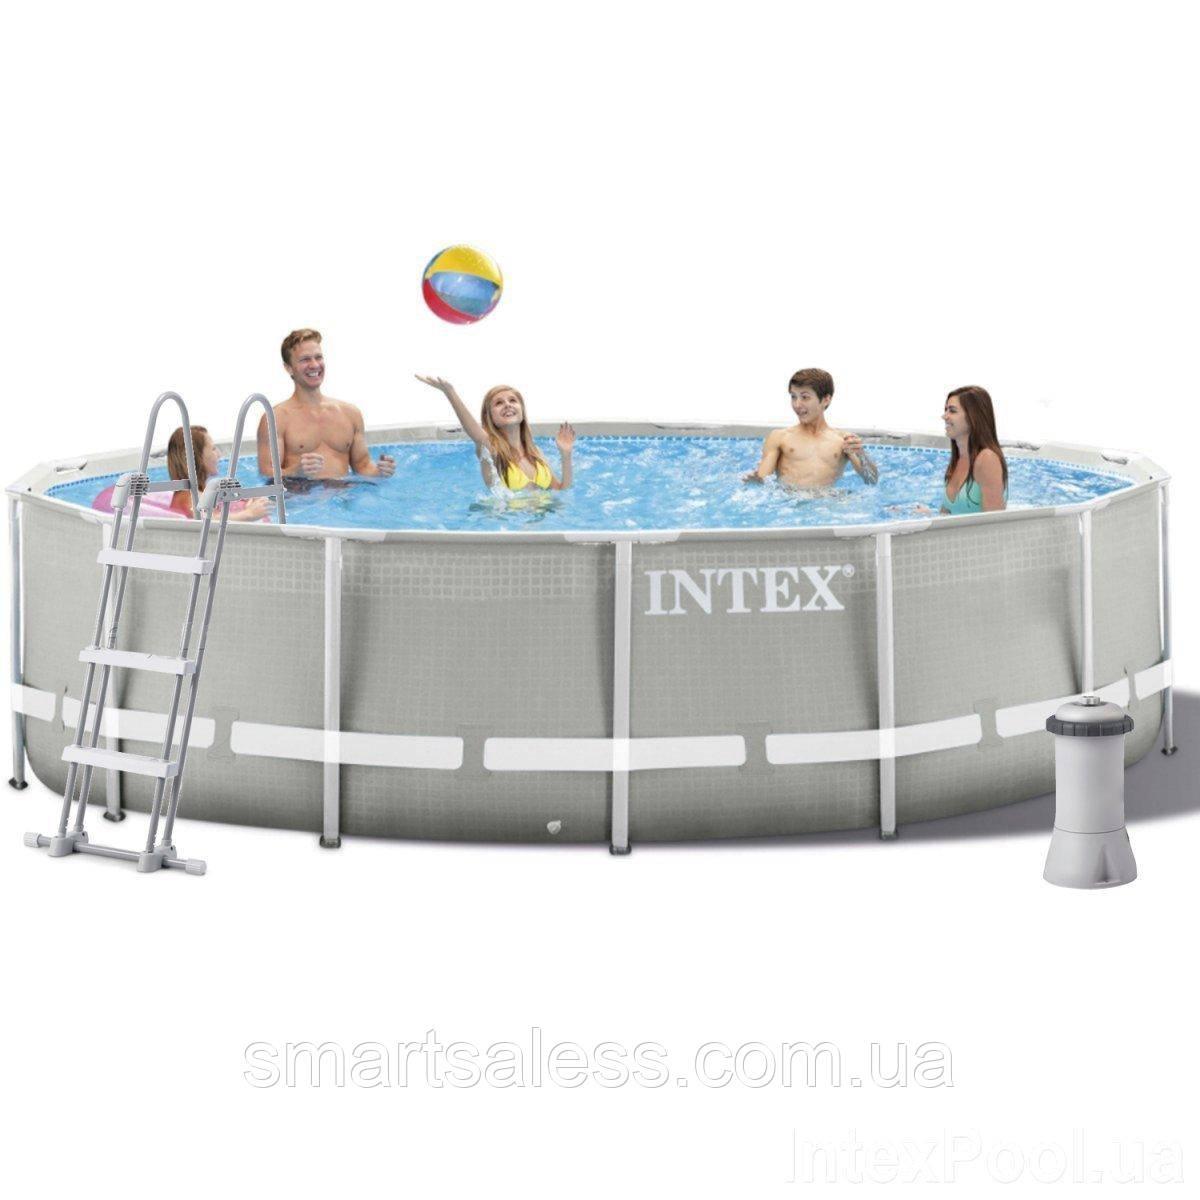 Каркасний басейн Intex, 427 х 107 см, насос 3 785 л/год, сходи, тент, підстилка